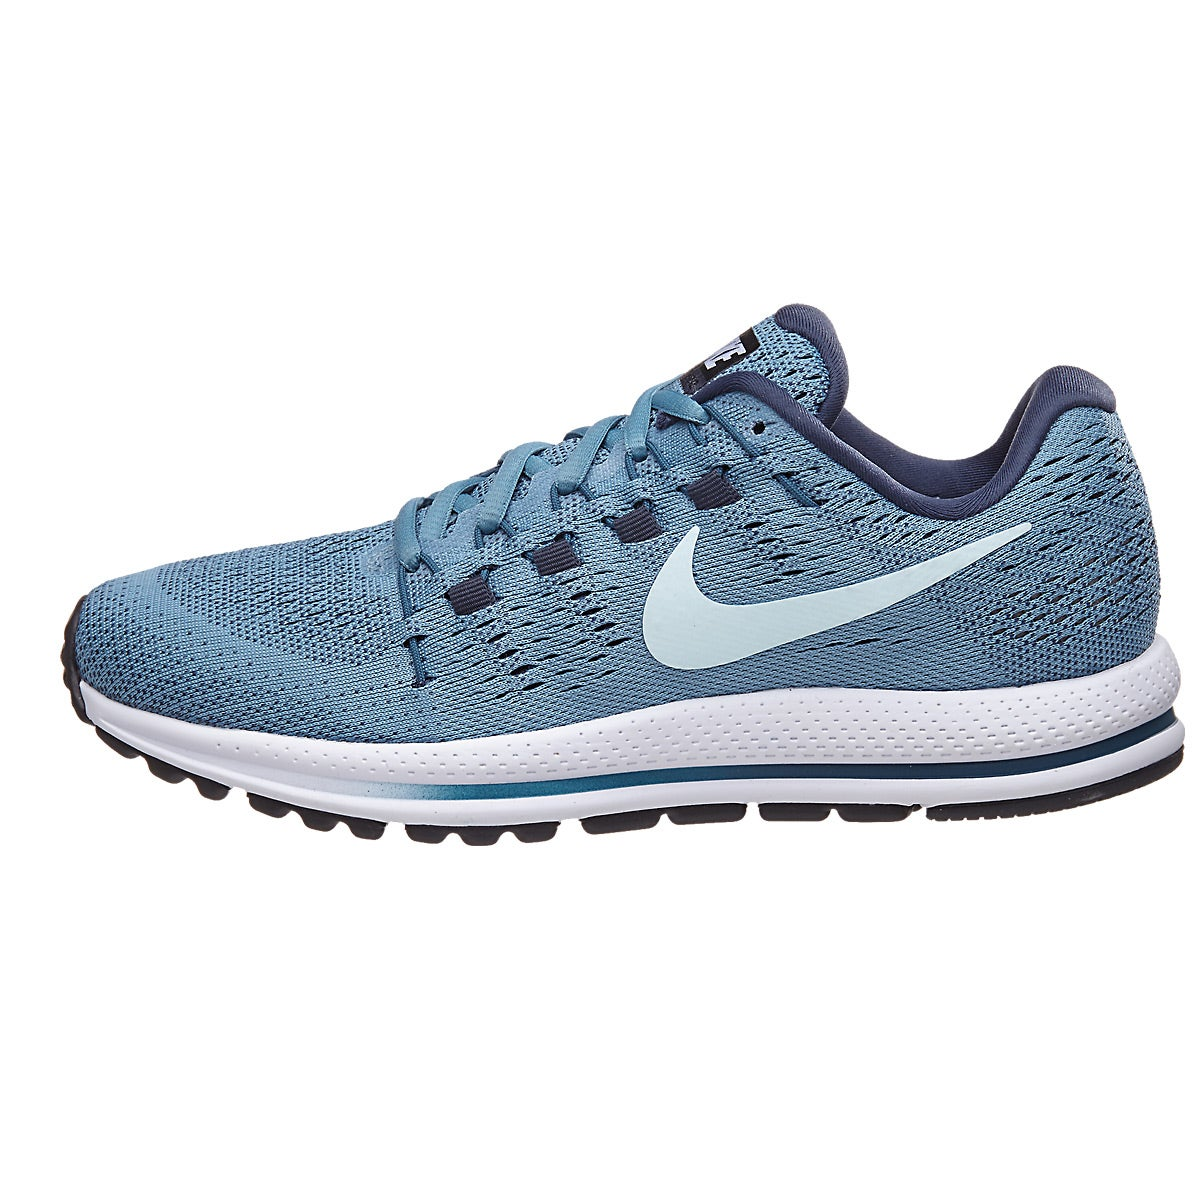 Cerulean Blue Shoes